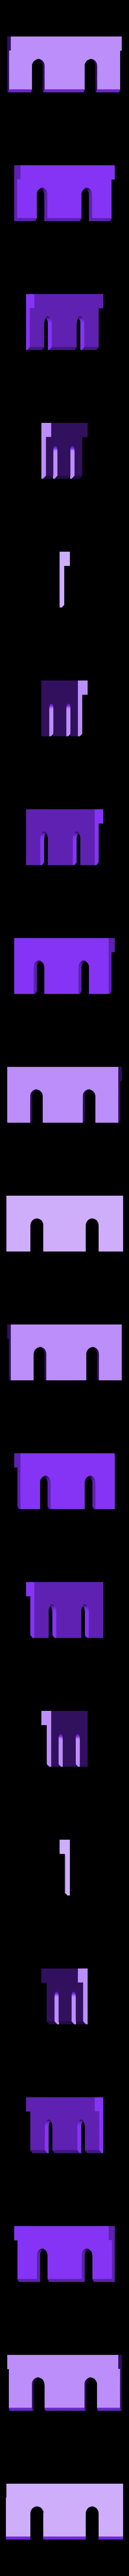 spacer1.5mm.stl Télécharger fichier STL gratuit entretoise pour ender 2 ender 3 cr10 • Objet à imprimer en 3D, raffosan